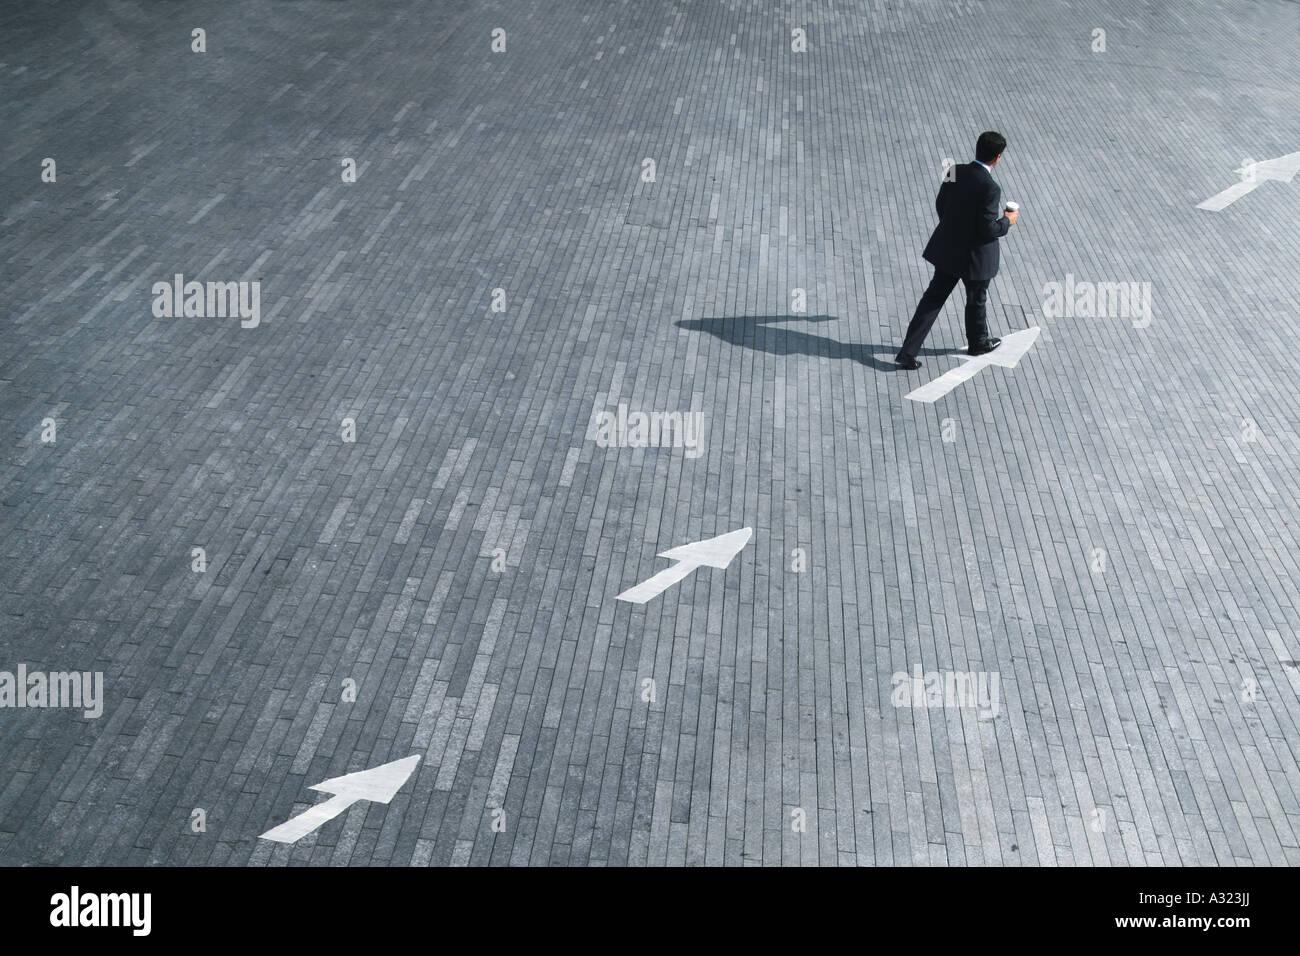 Business-Konzept eines Mannes nach der Richtung der Pfeile Stockbild